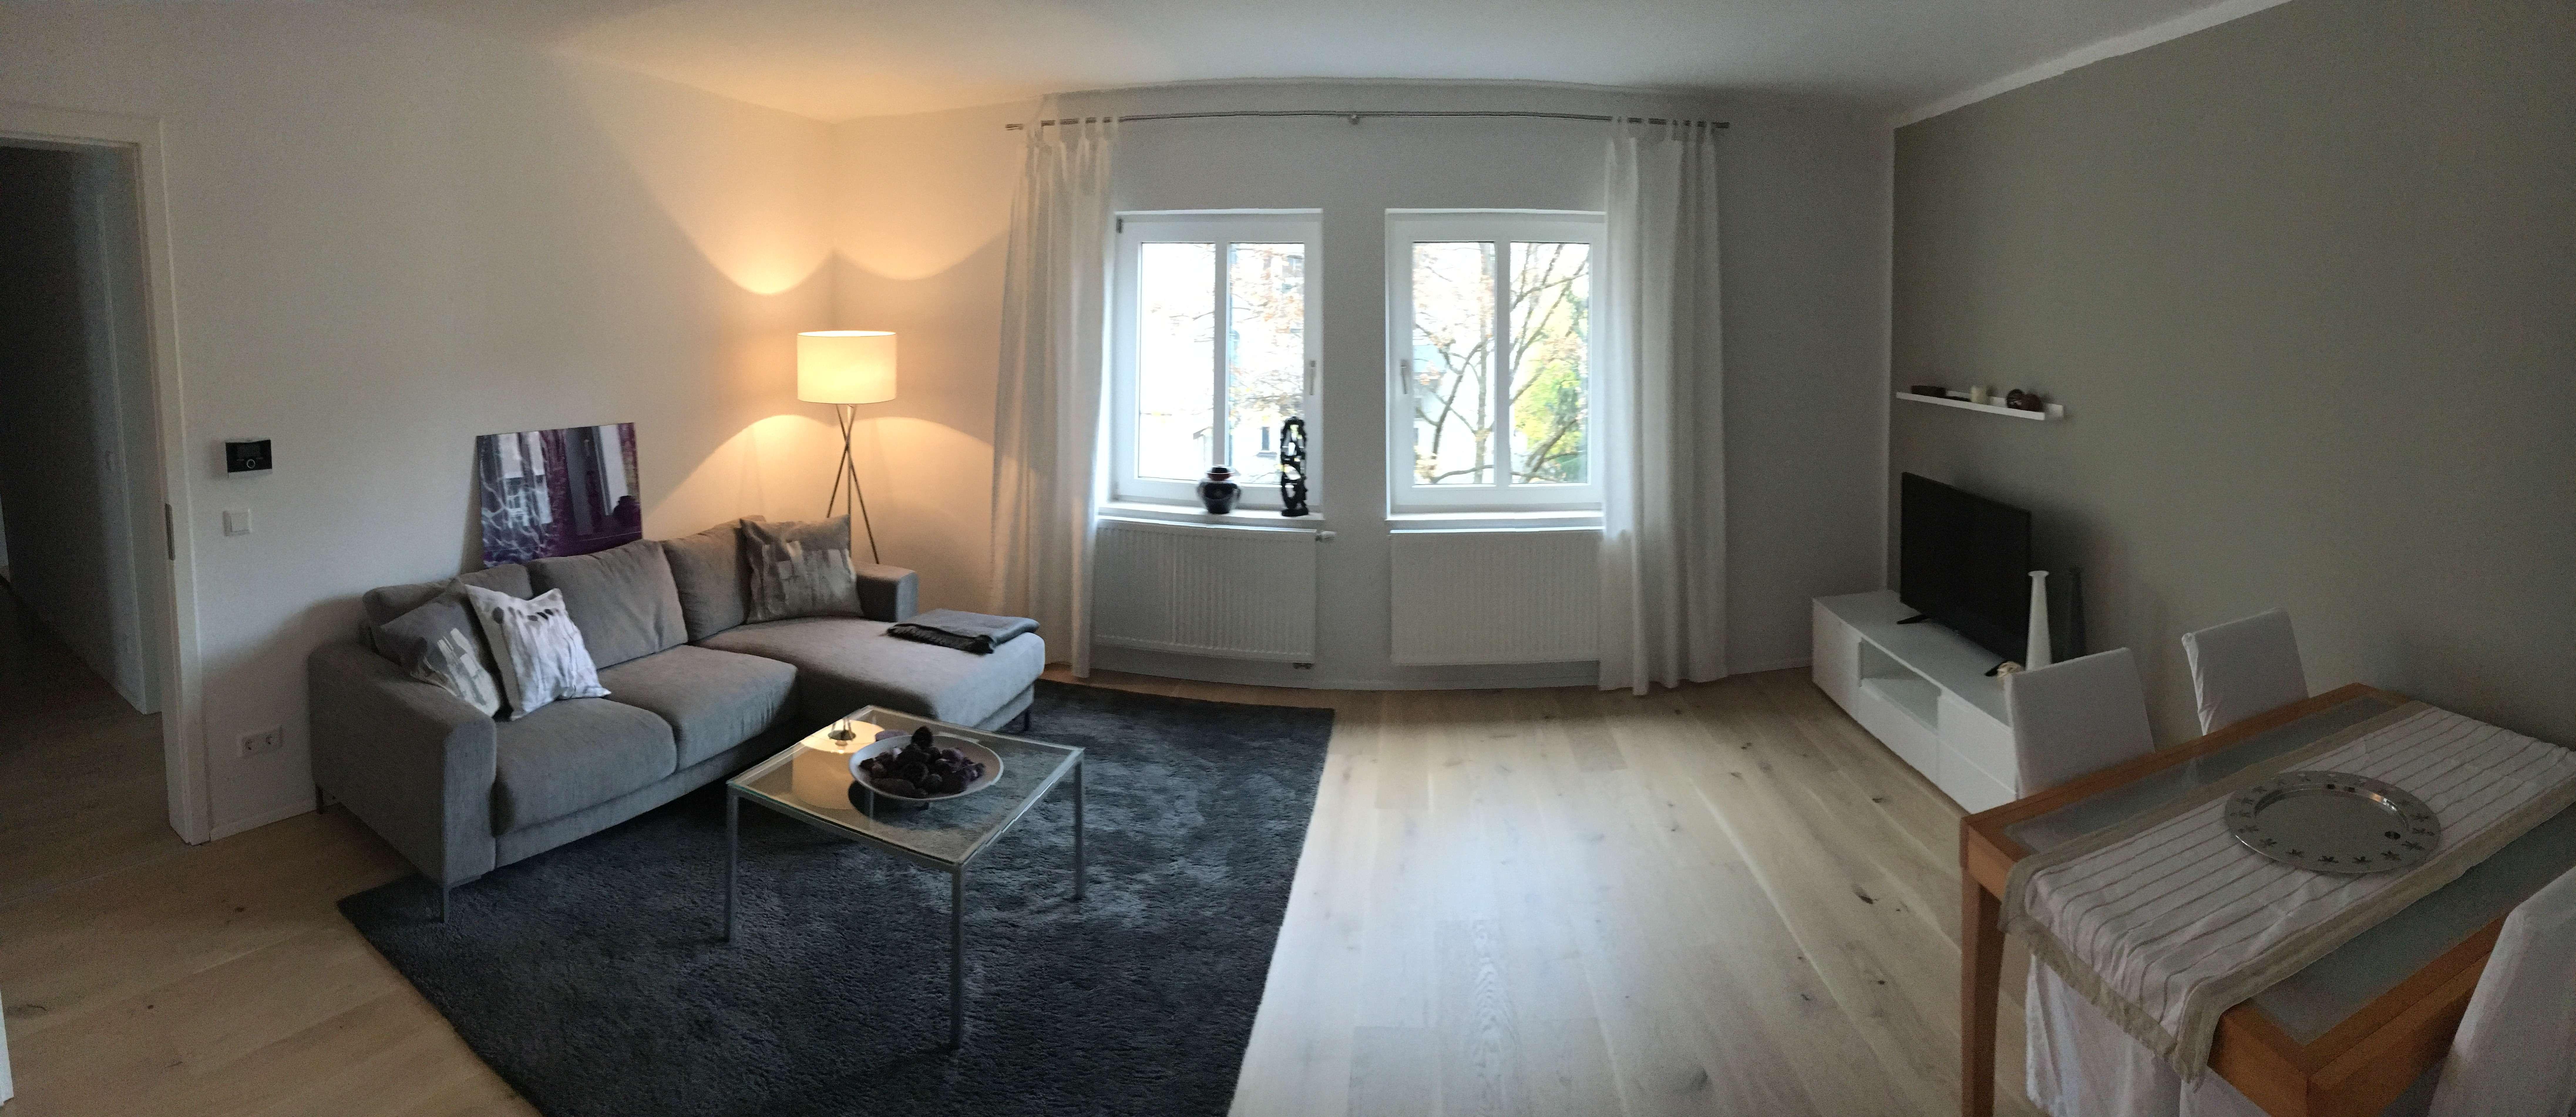 Sehr schöne möblierte 3-Zimmer Wohnung in München, Schwabing-West befristet zu vermieten in Schwabing-West (München)